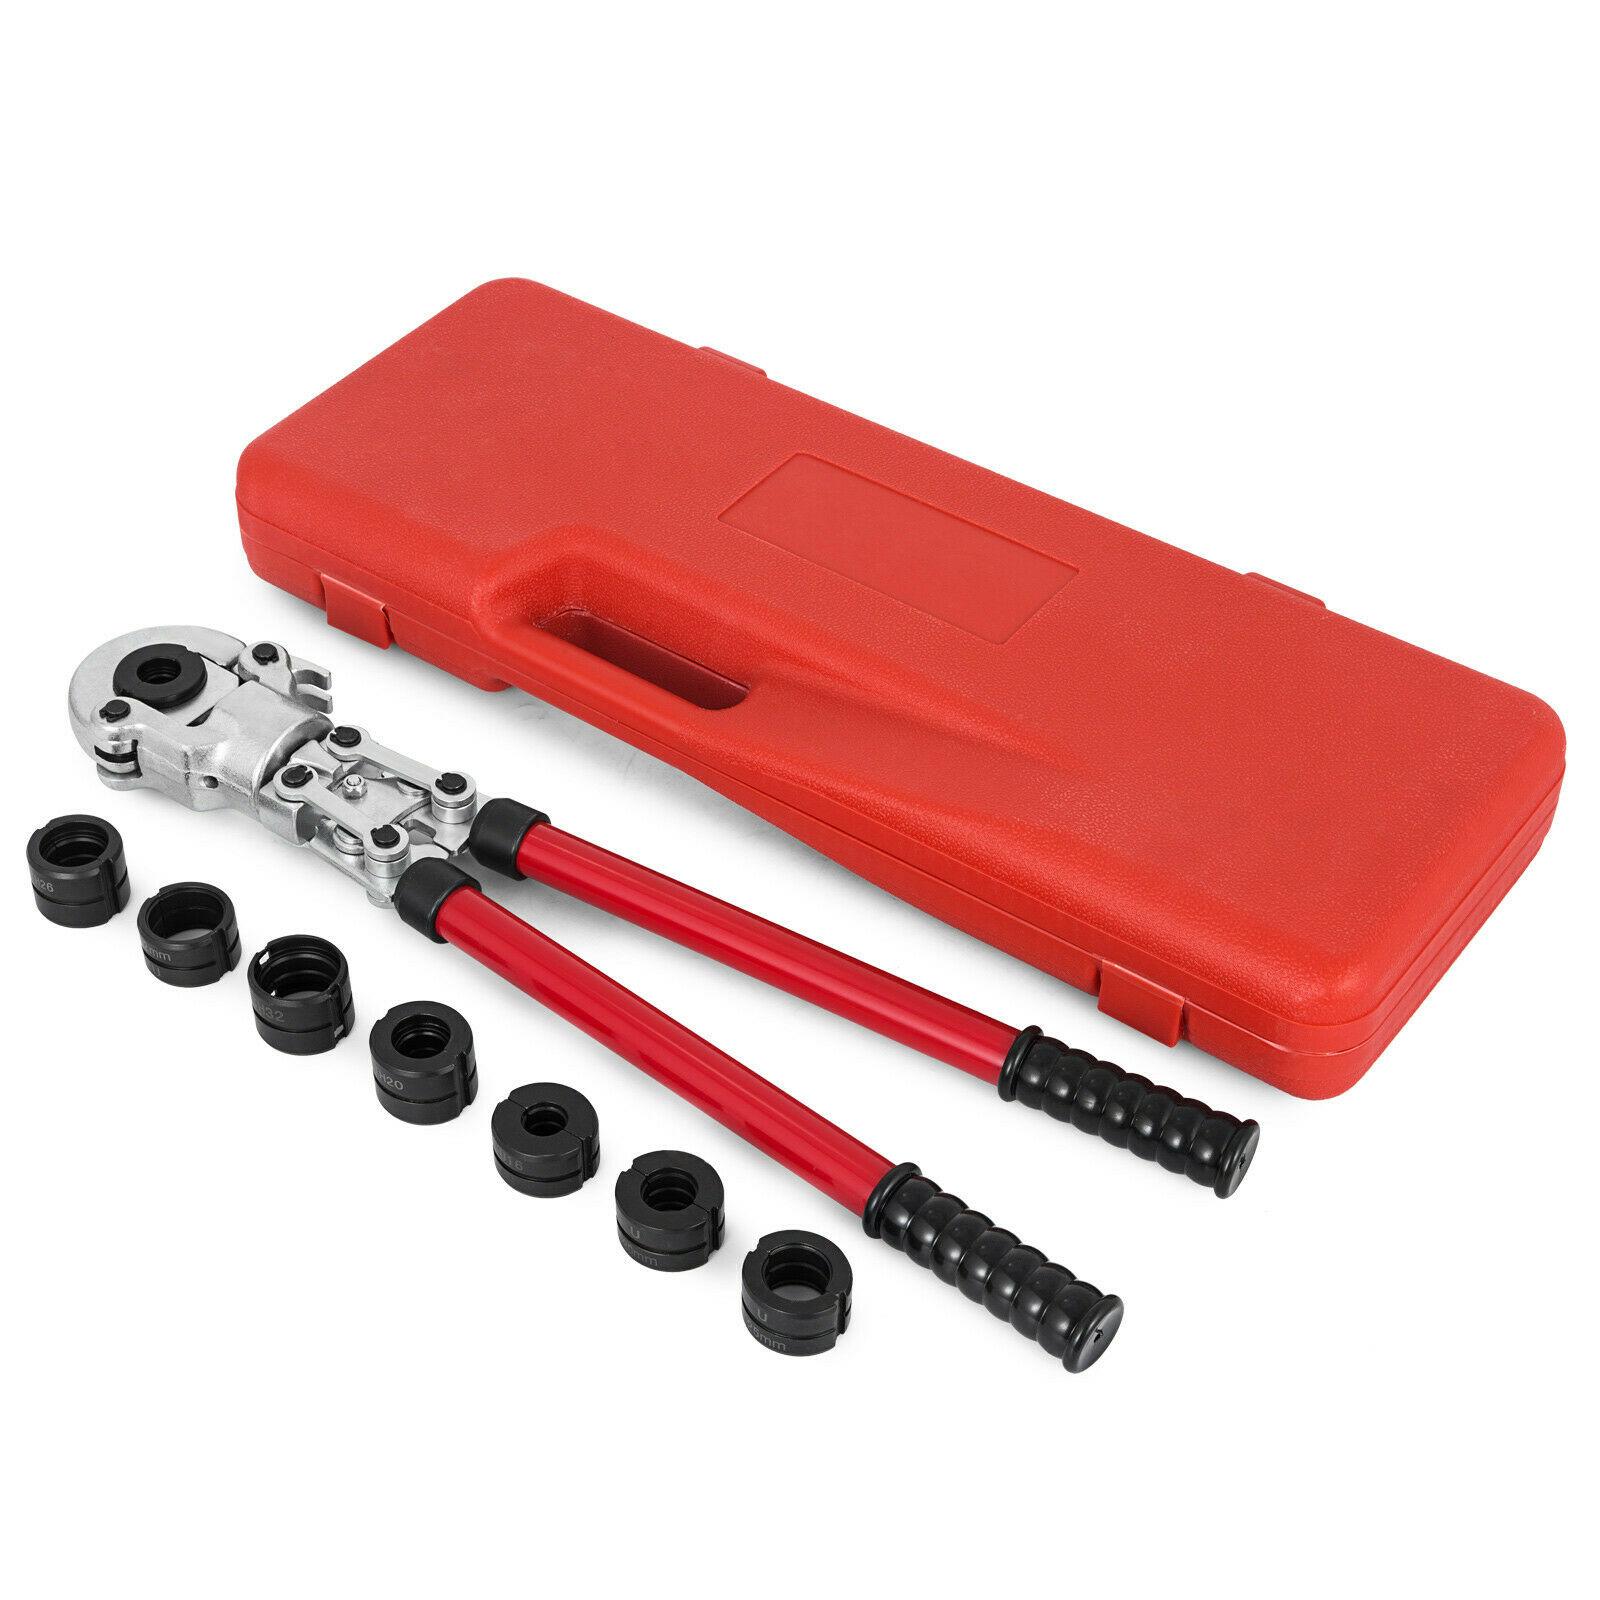 Pinzas de prensado de tubo VEVOR Pex-Al-Pex 16-32mm pinzas de presión compuestas TH25 TH32